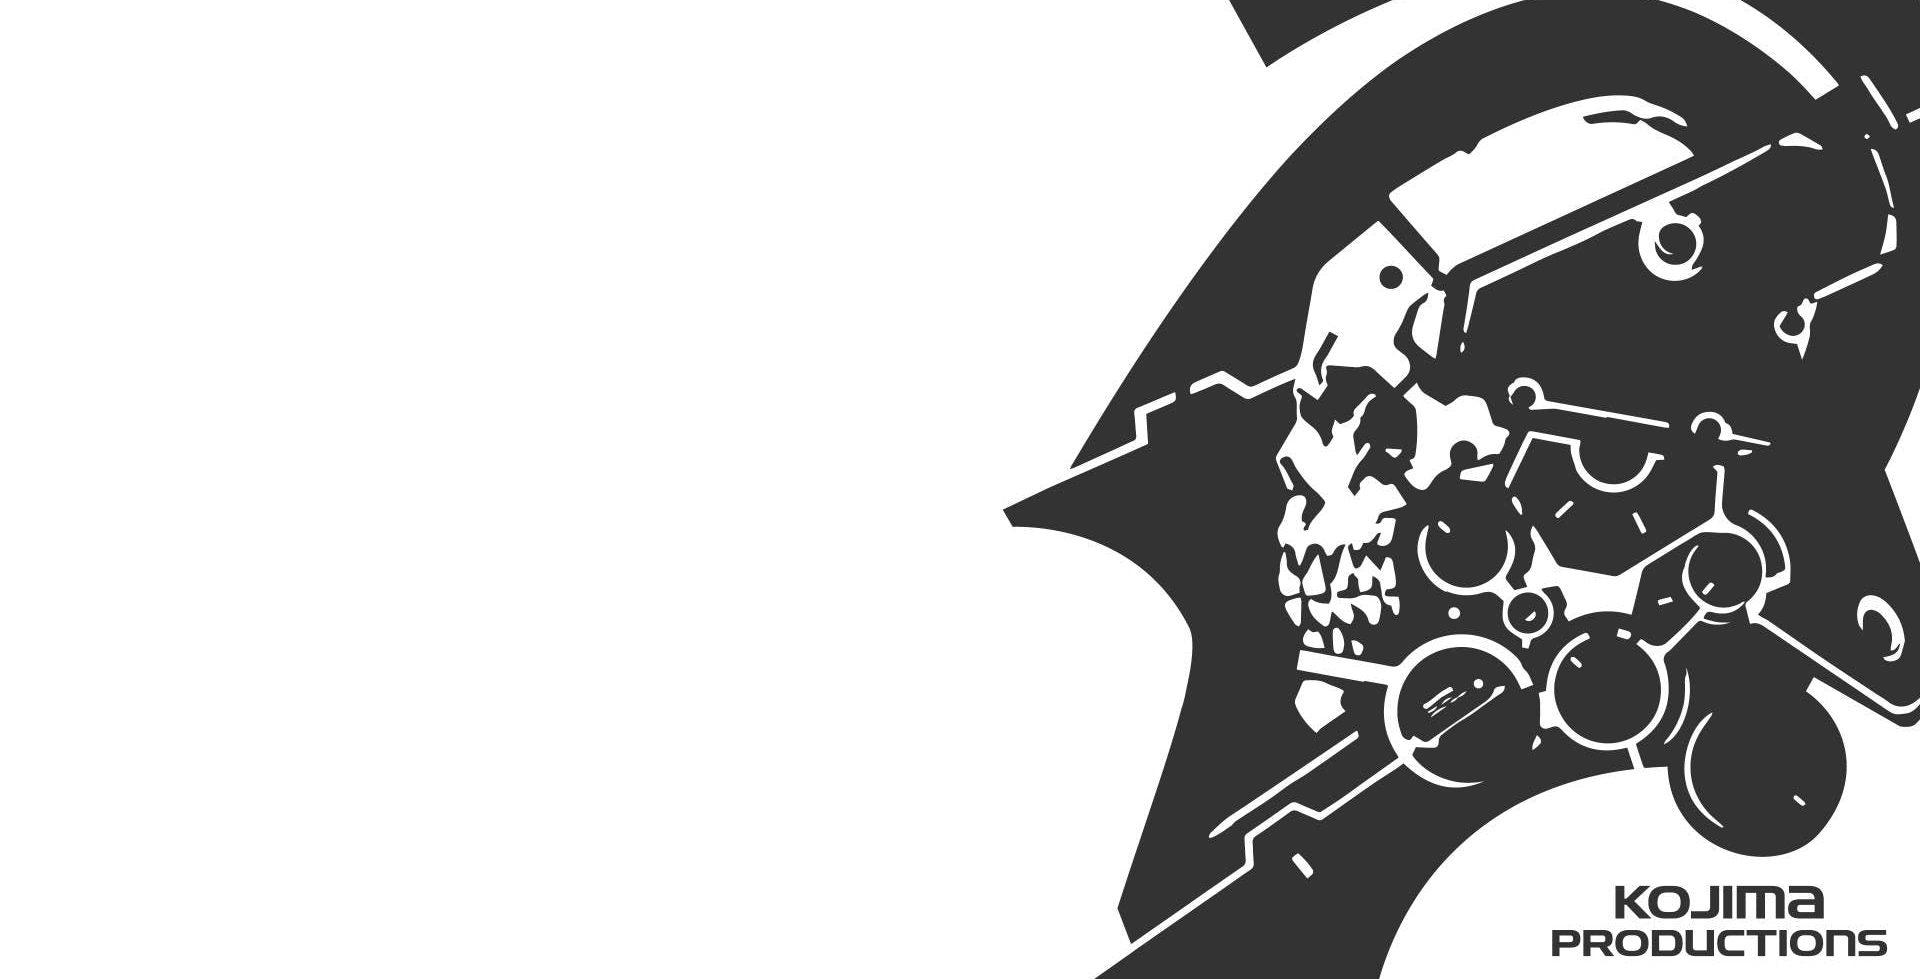 Бывший Head of Communications из Riot Games назначен Global Head of Marketing and Communications в Kojima Productions.